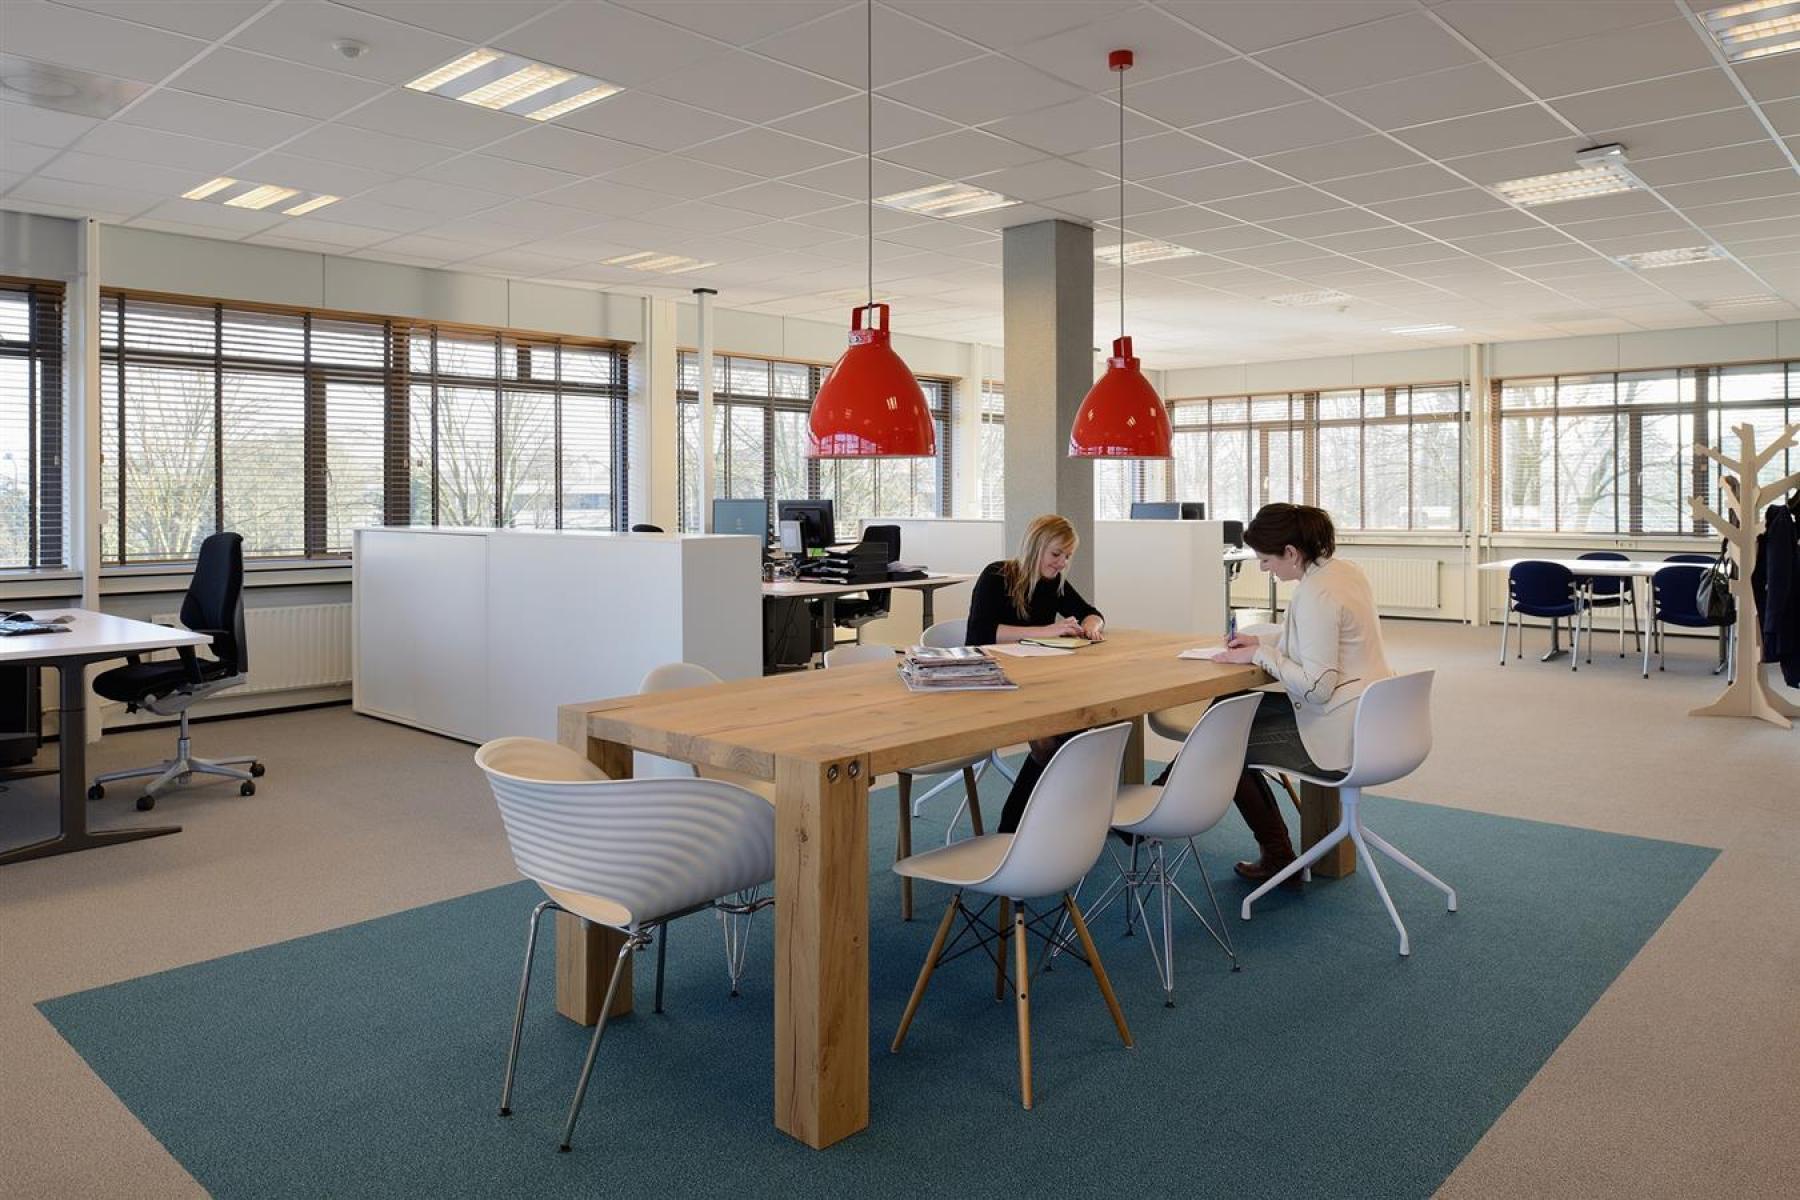 kantoorkamer gemeubileerd te huur apeldoorn kantoorpand vloerbedekking parket ramen uitzicht